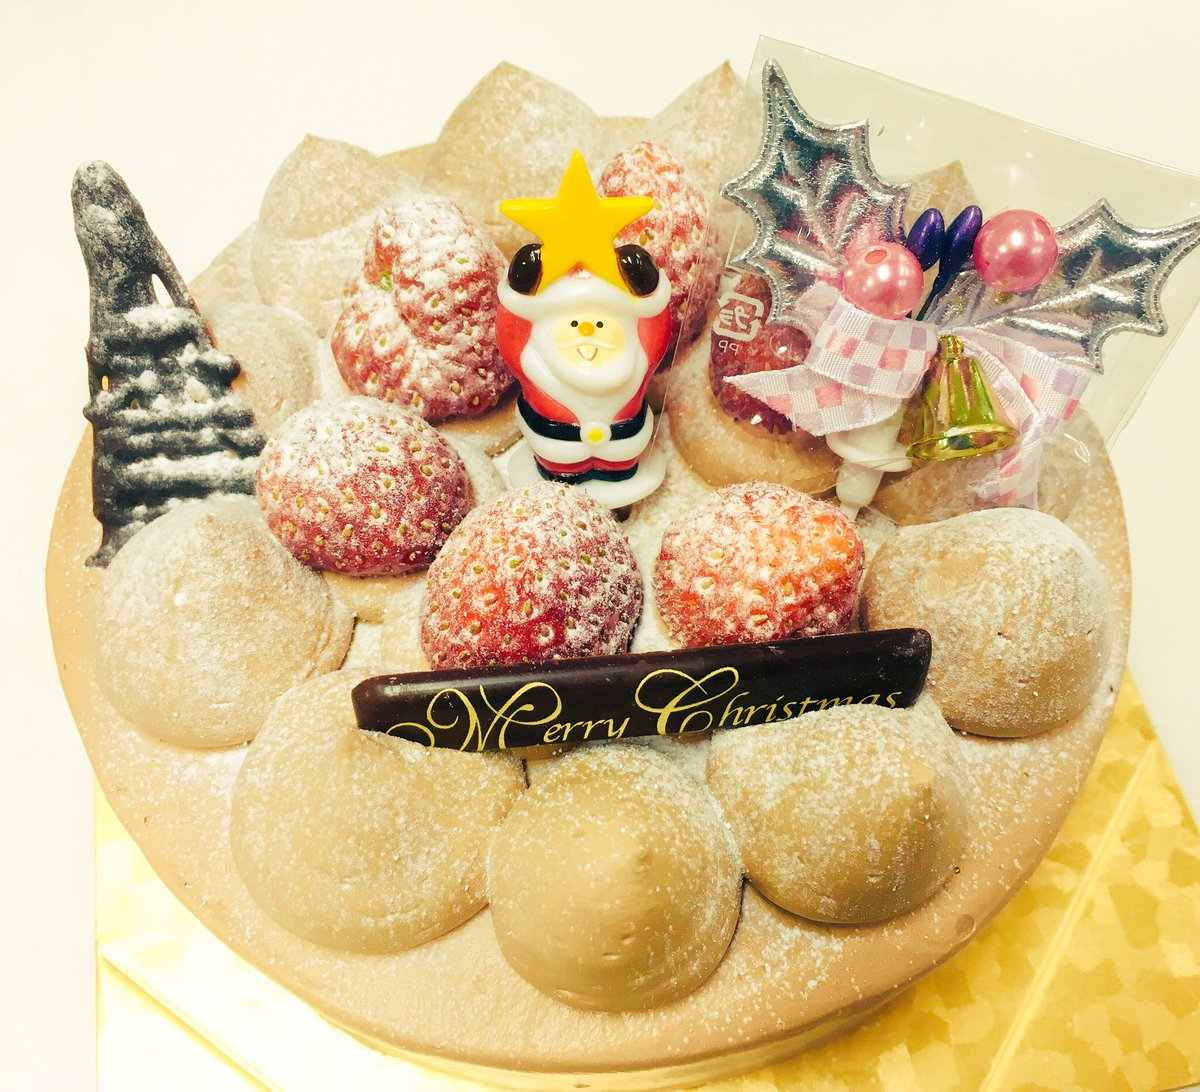 クリスマスケーキ第1号が出発です!クリスマスを彩っておいでー(о´∀`о) #クリスマスケーキ #大高かおる堂